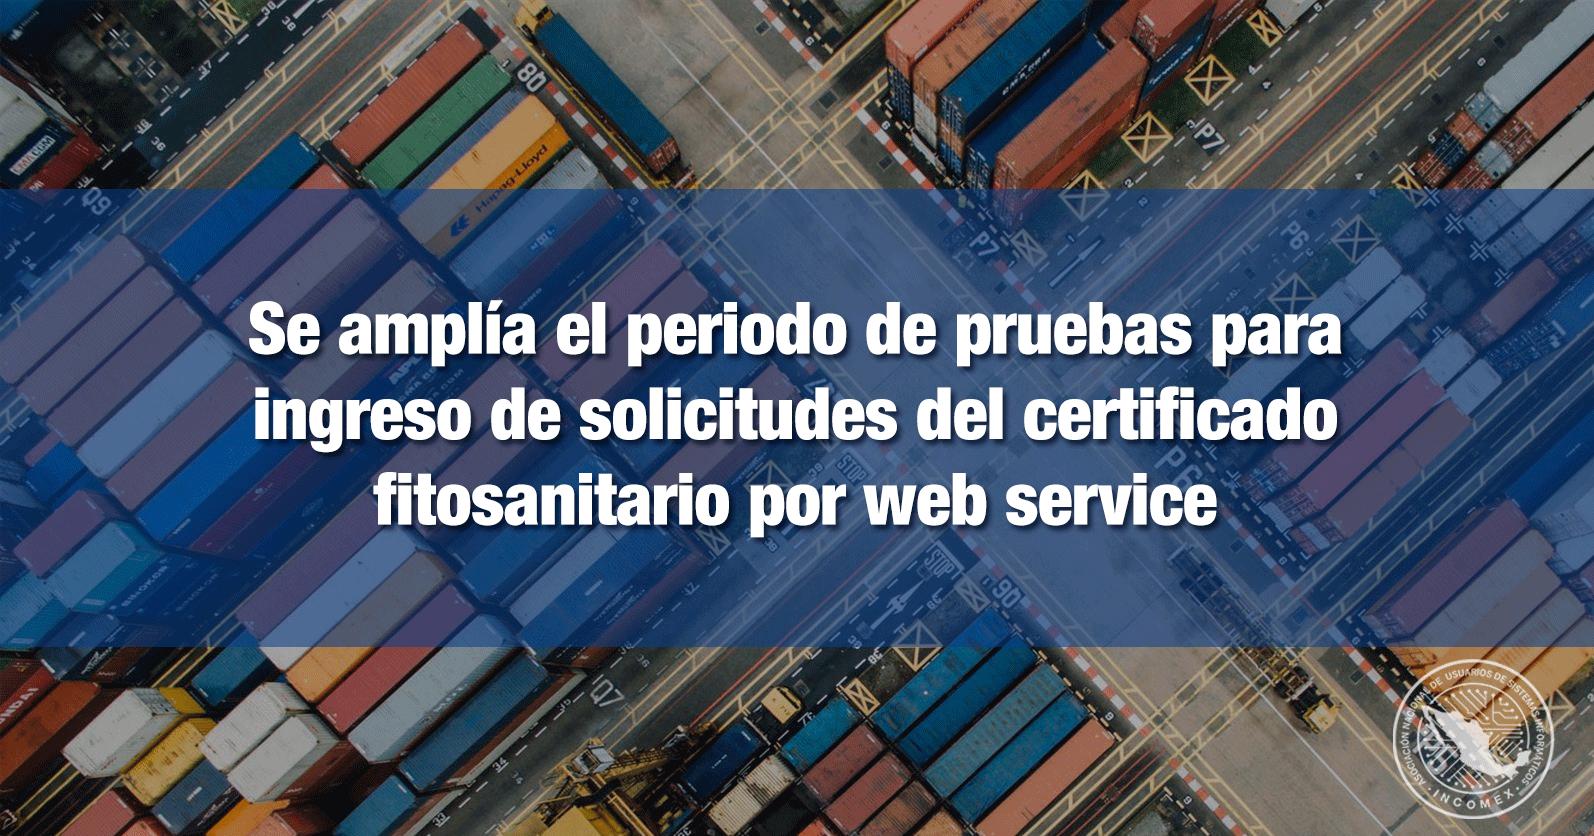 Se amplía el periodo de pruebas para ingreso de solicitudes del certificado fitosanitario por web service